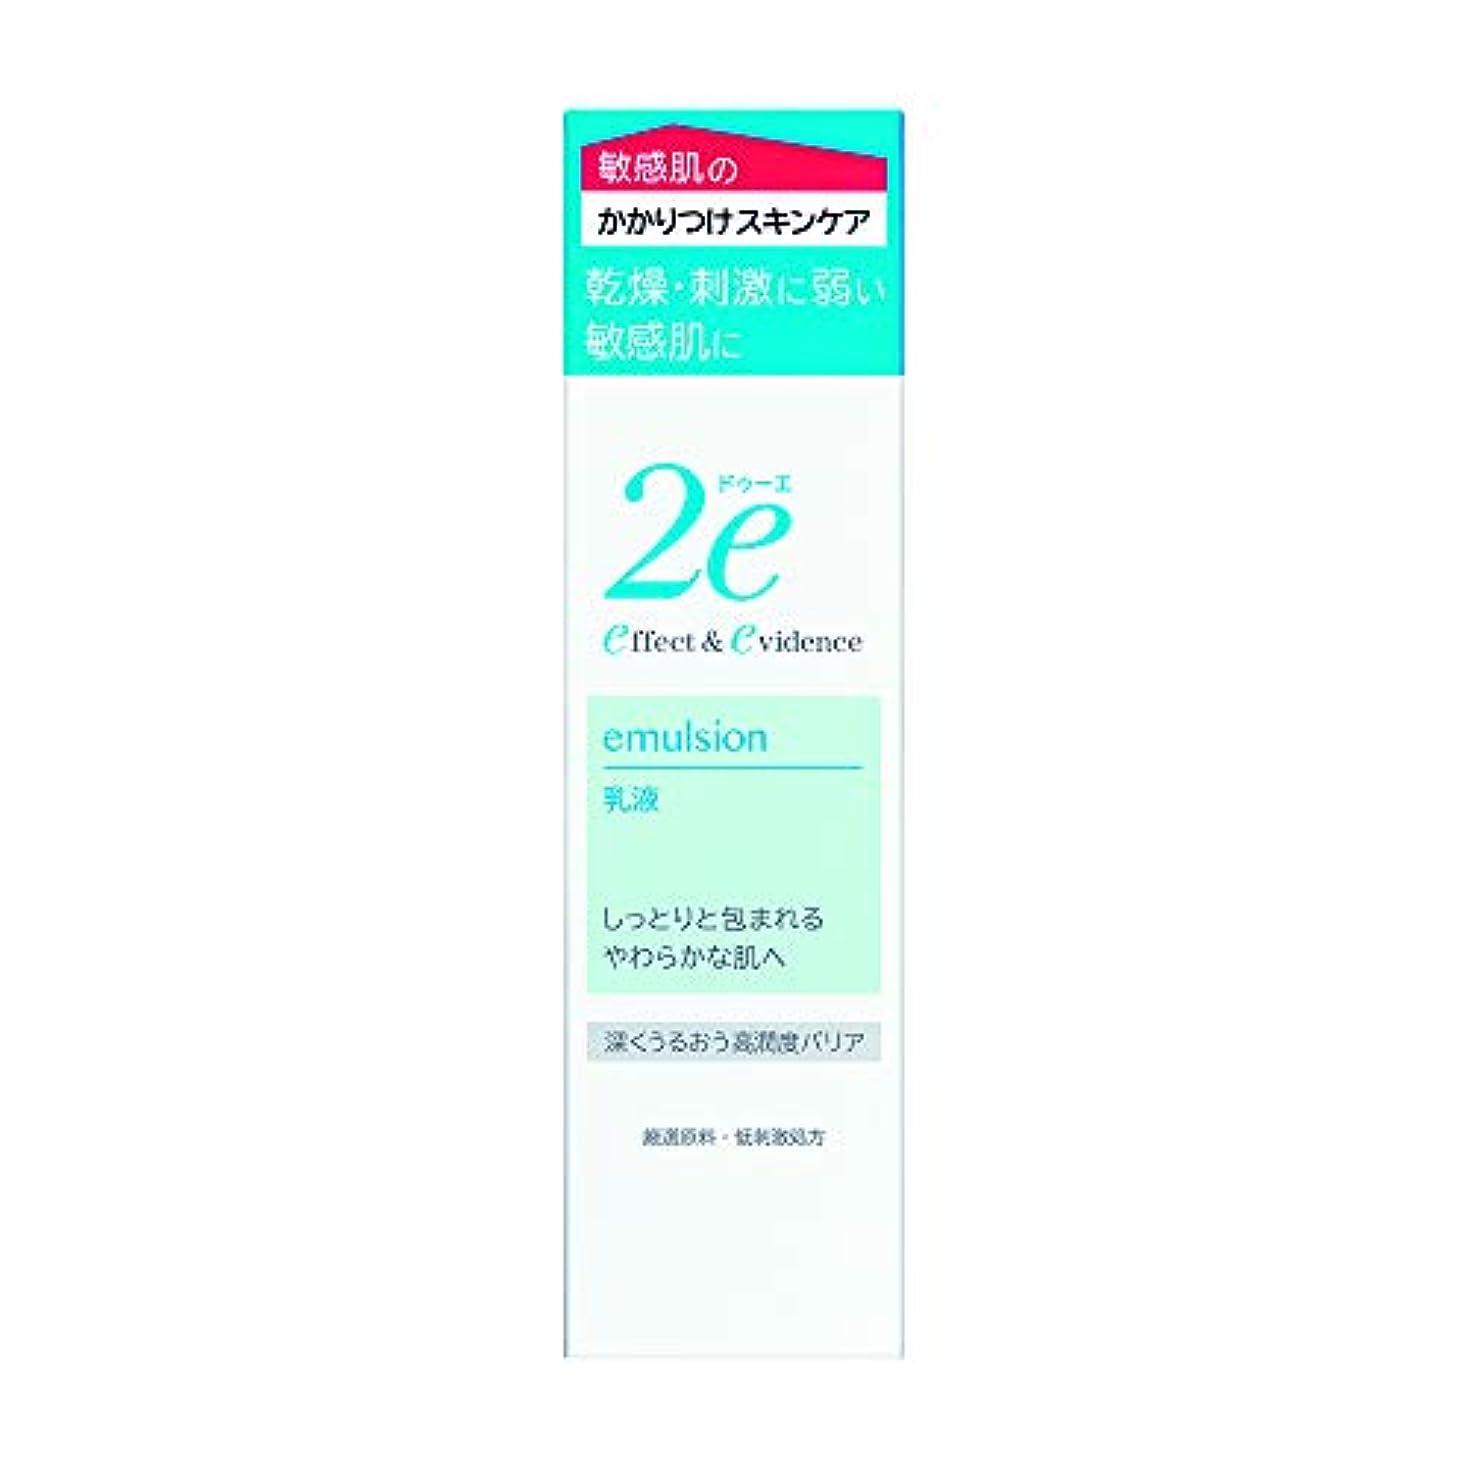 バリア納税者熱心2e(ドゥーエ) 乳液 敏感肌用乳液 低刺激処方 深くうるおう高潤度バリア 140ml 化粧水